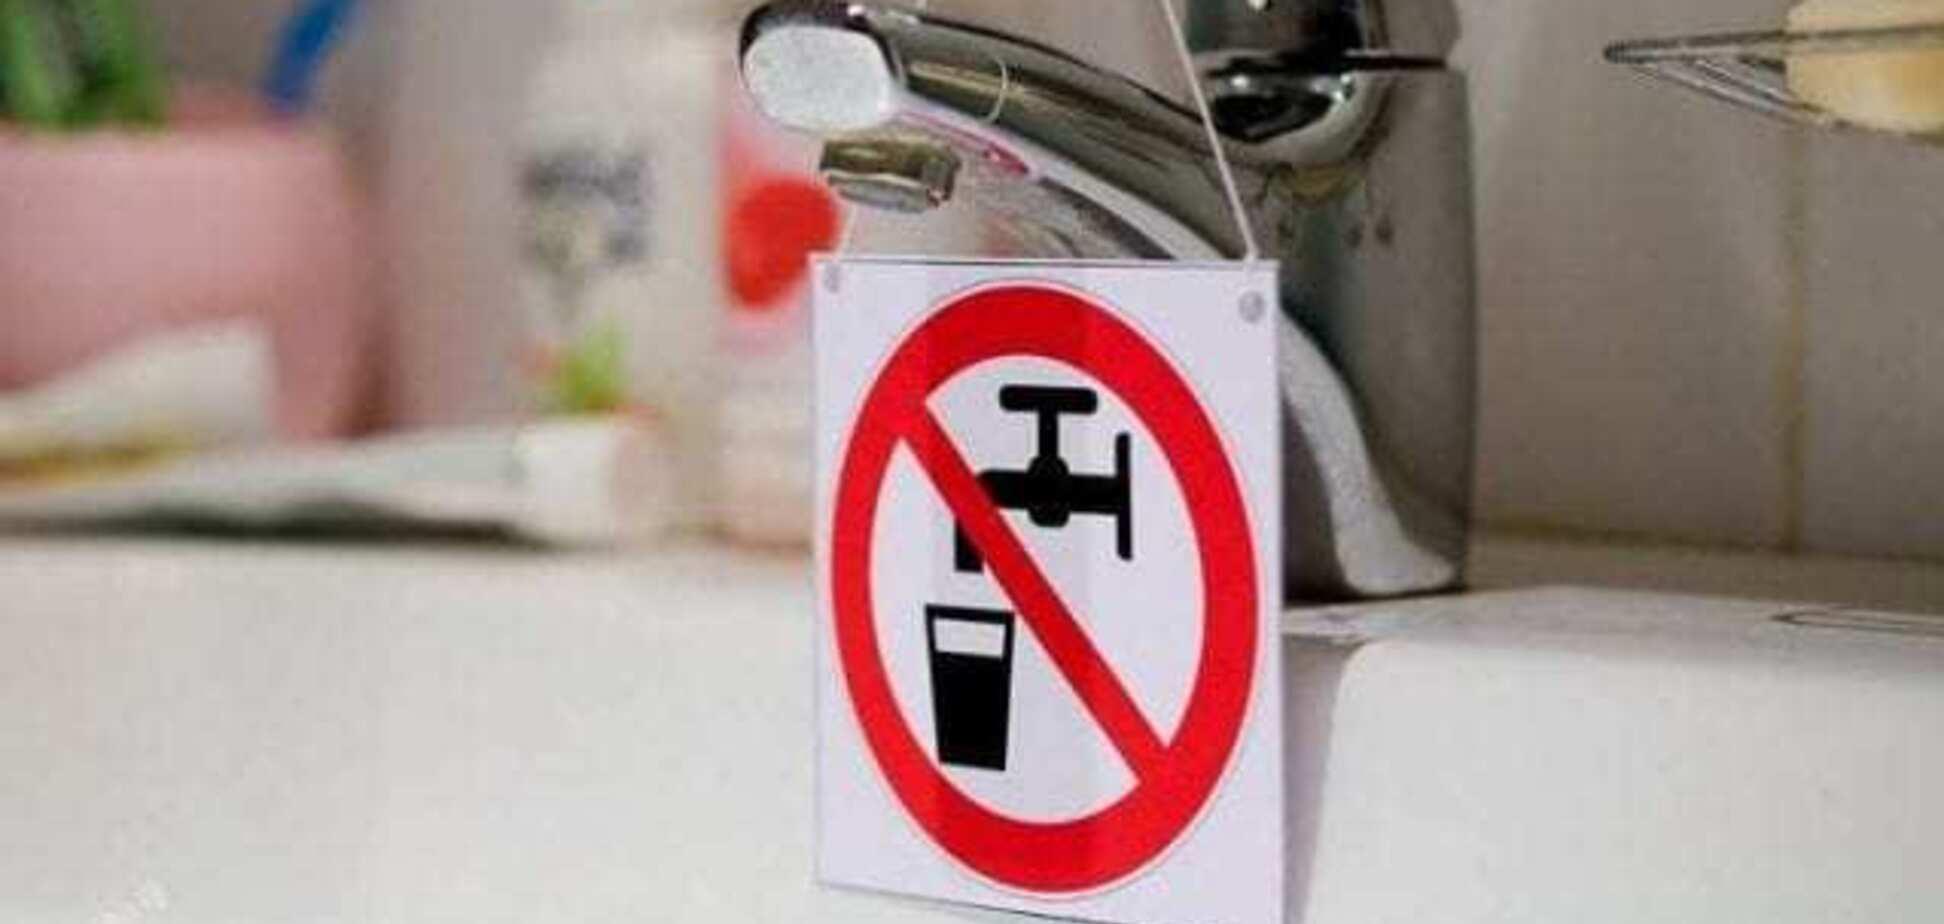 Мільйону українців загрожує відключення води: що про це відомо